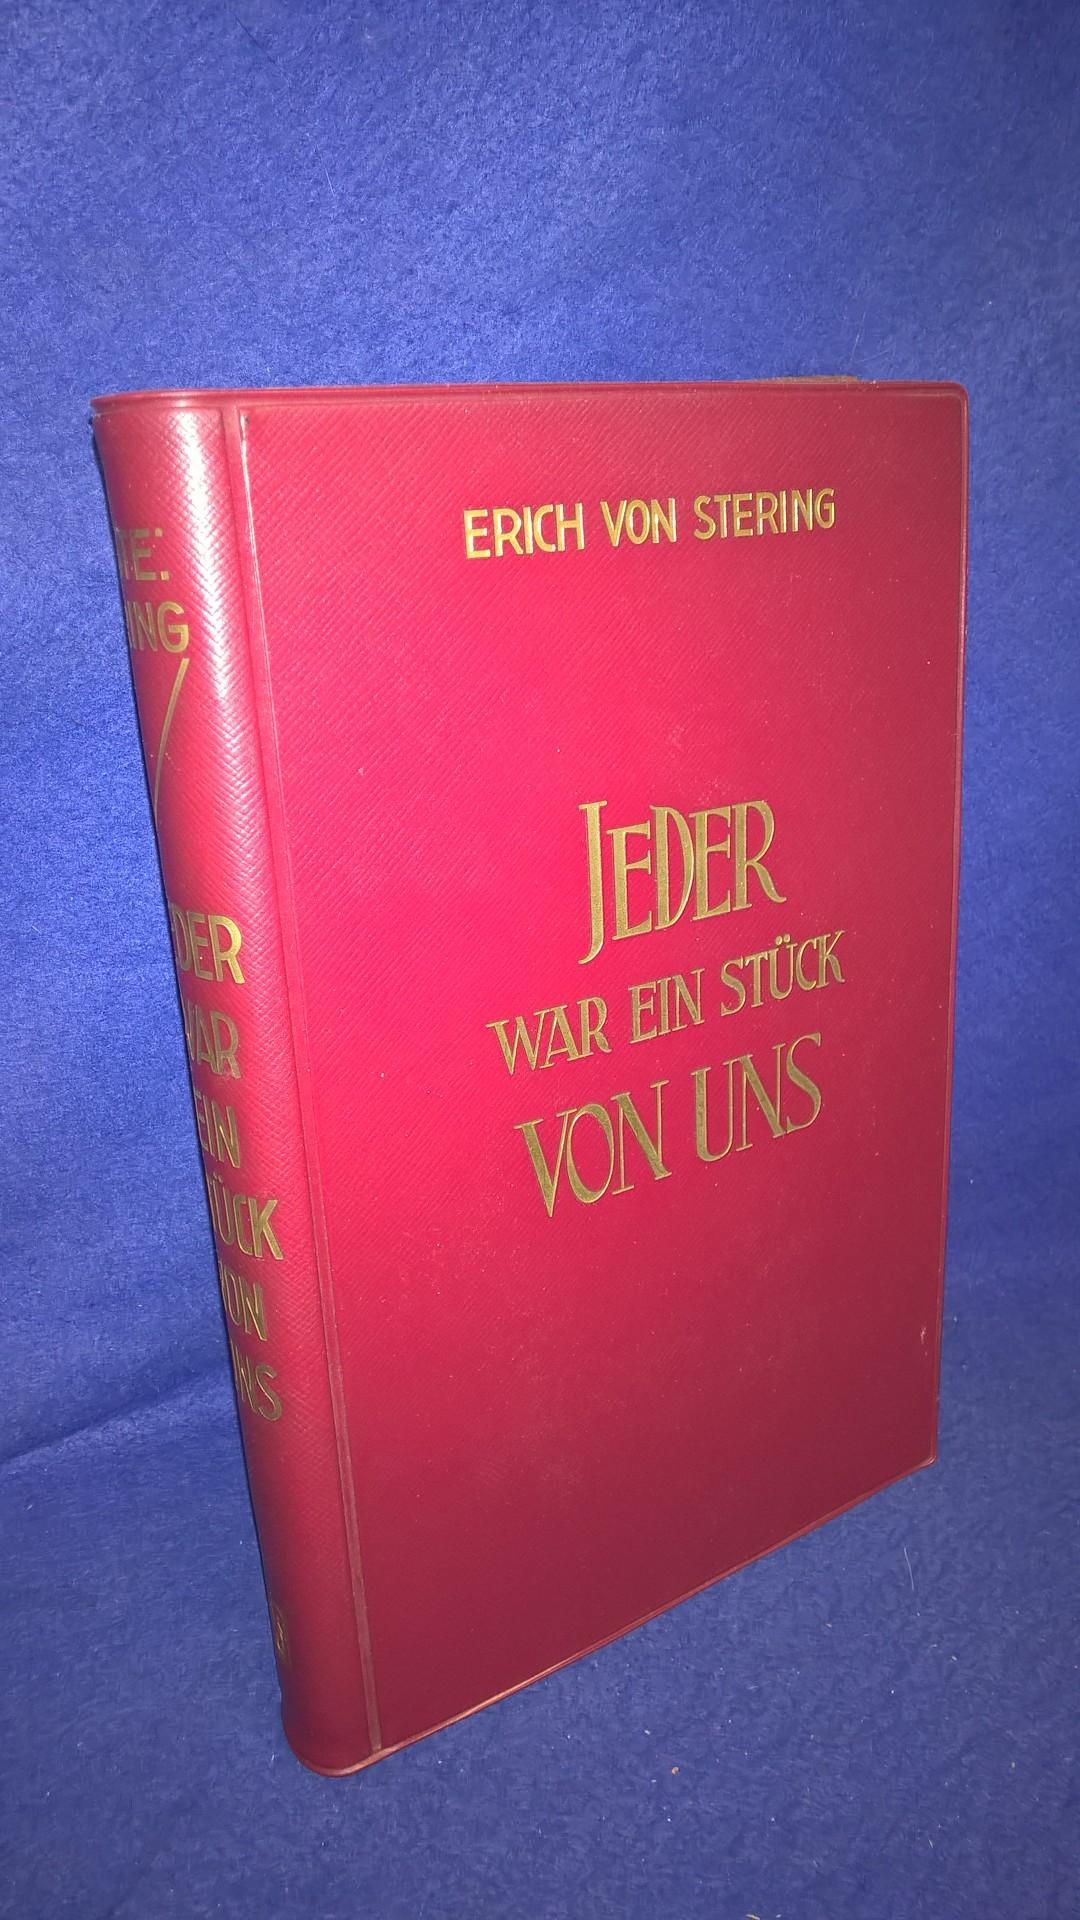 Jeder war ein Stück von uns. Leben und Kampf der 2.Kompanie der Vorhutgruppe v. Schlutterbach auf ihrem Weg von Attika nach Sarajewo im Herbst 1944. Orginal-Ausgabe von 1959!